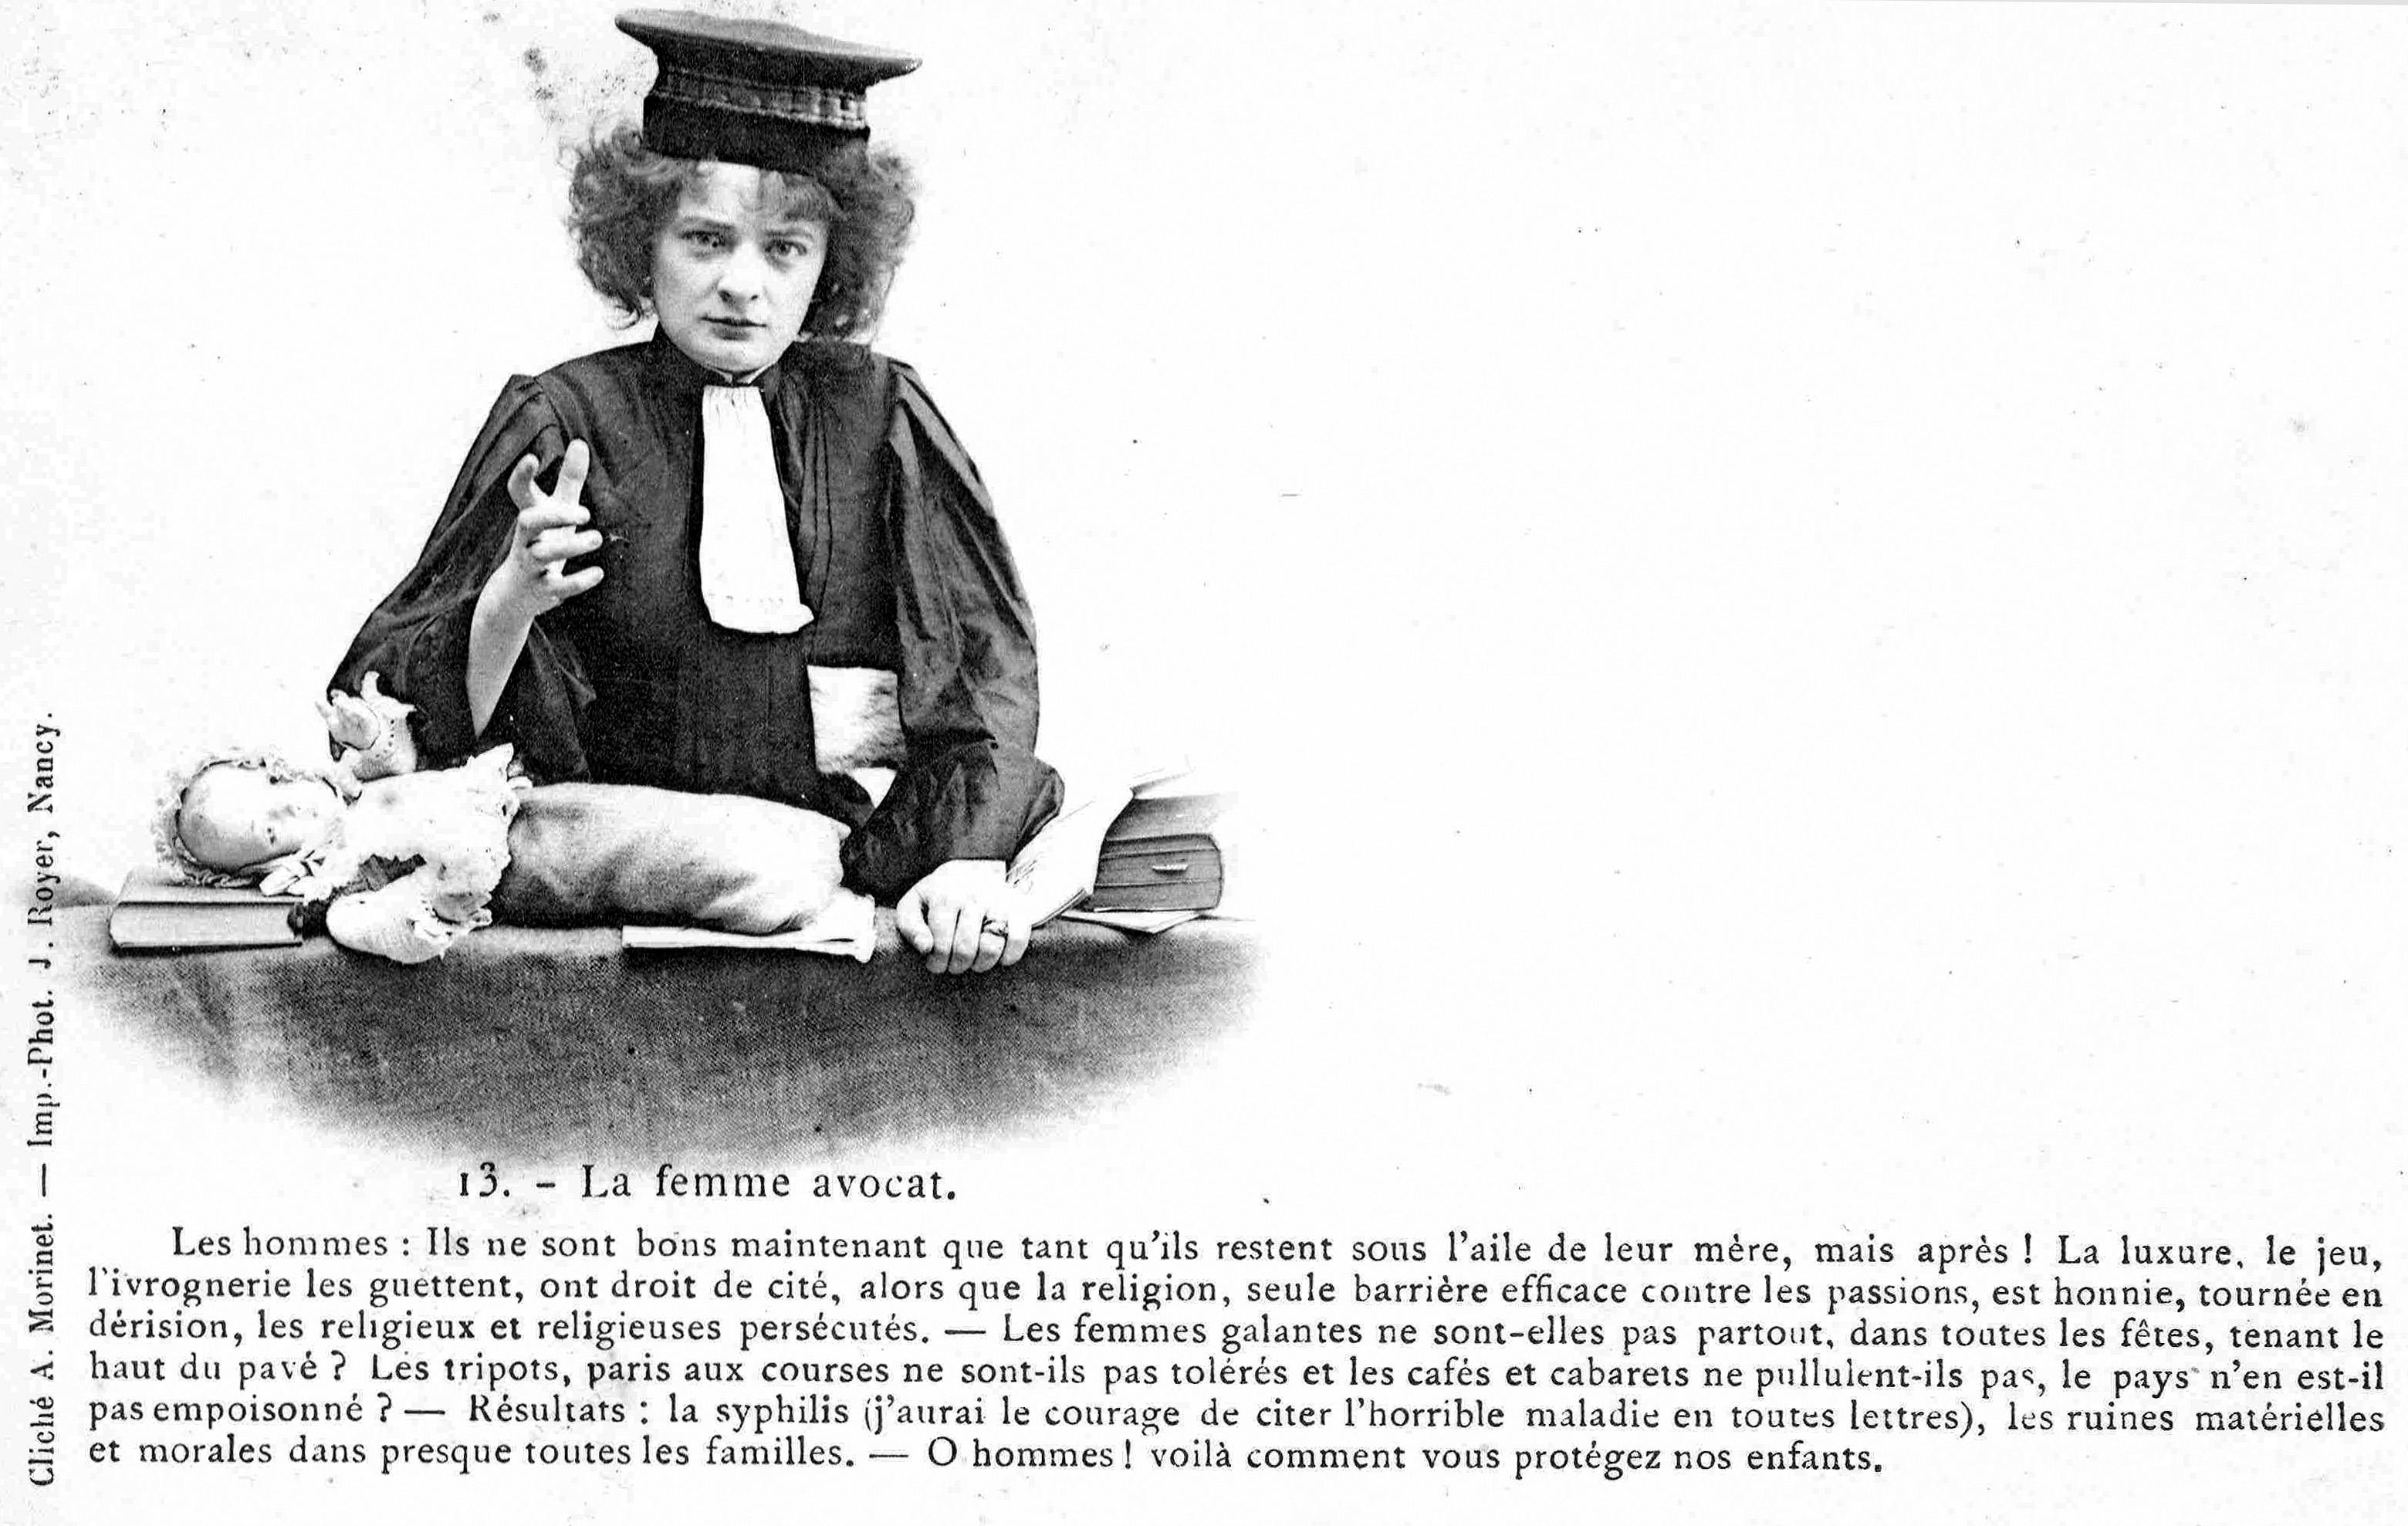 La prima donna avvocato, quando l'immagine ci racconta il conflitto di genere